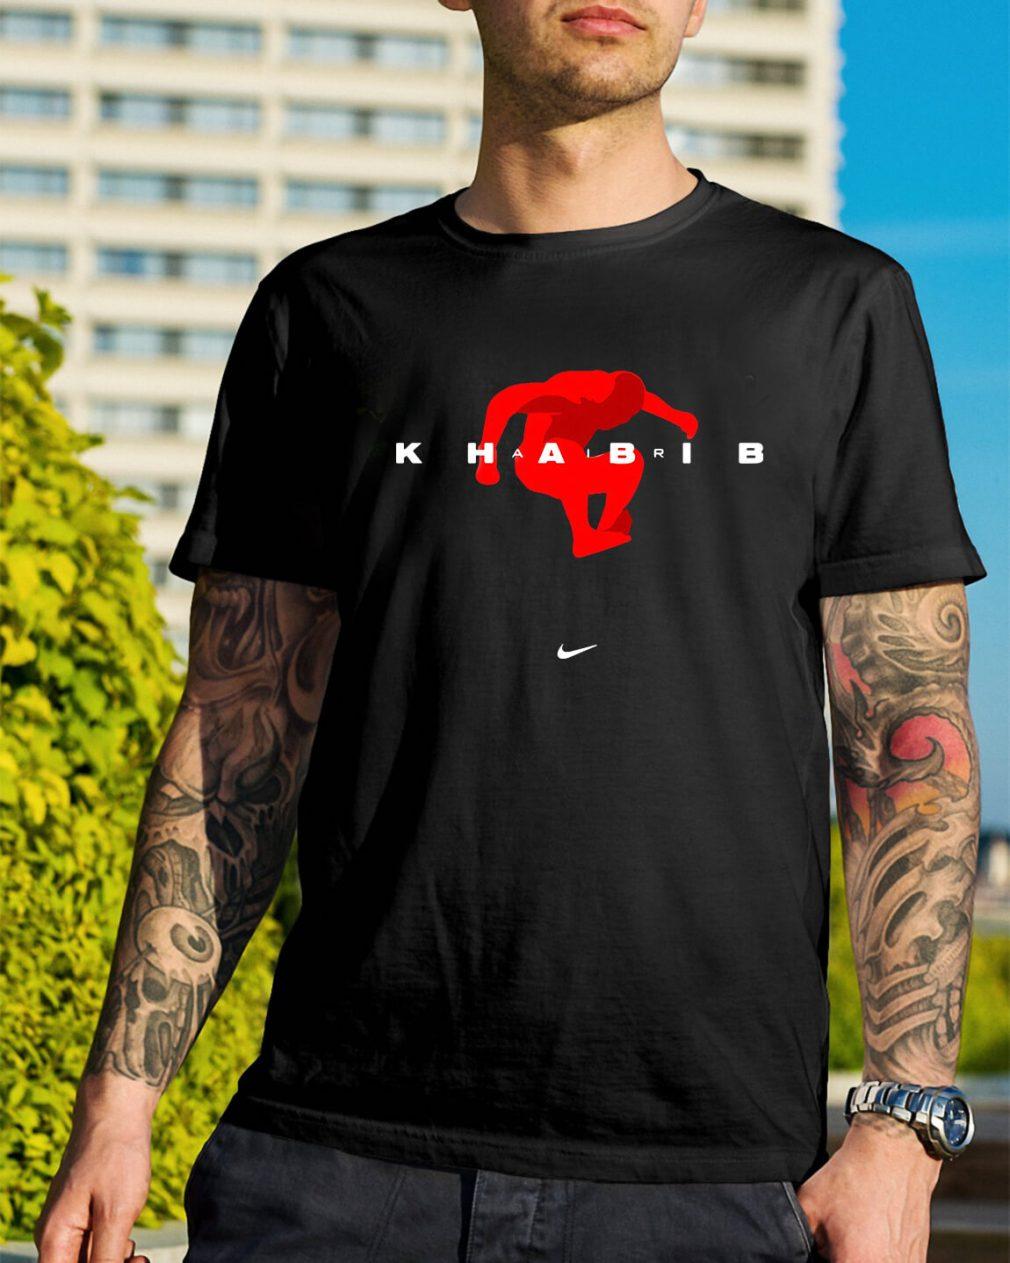 Official Khabib Nike shirt